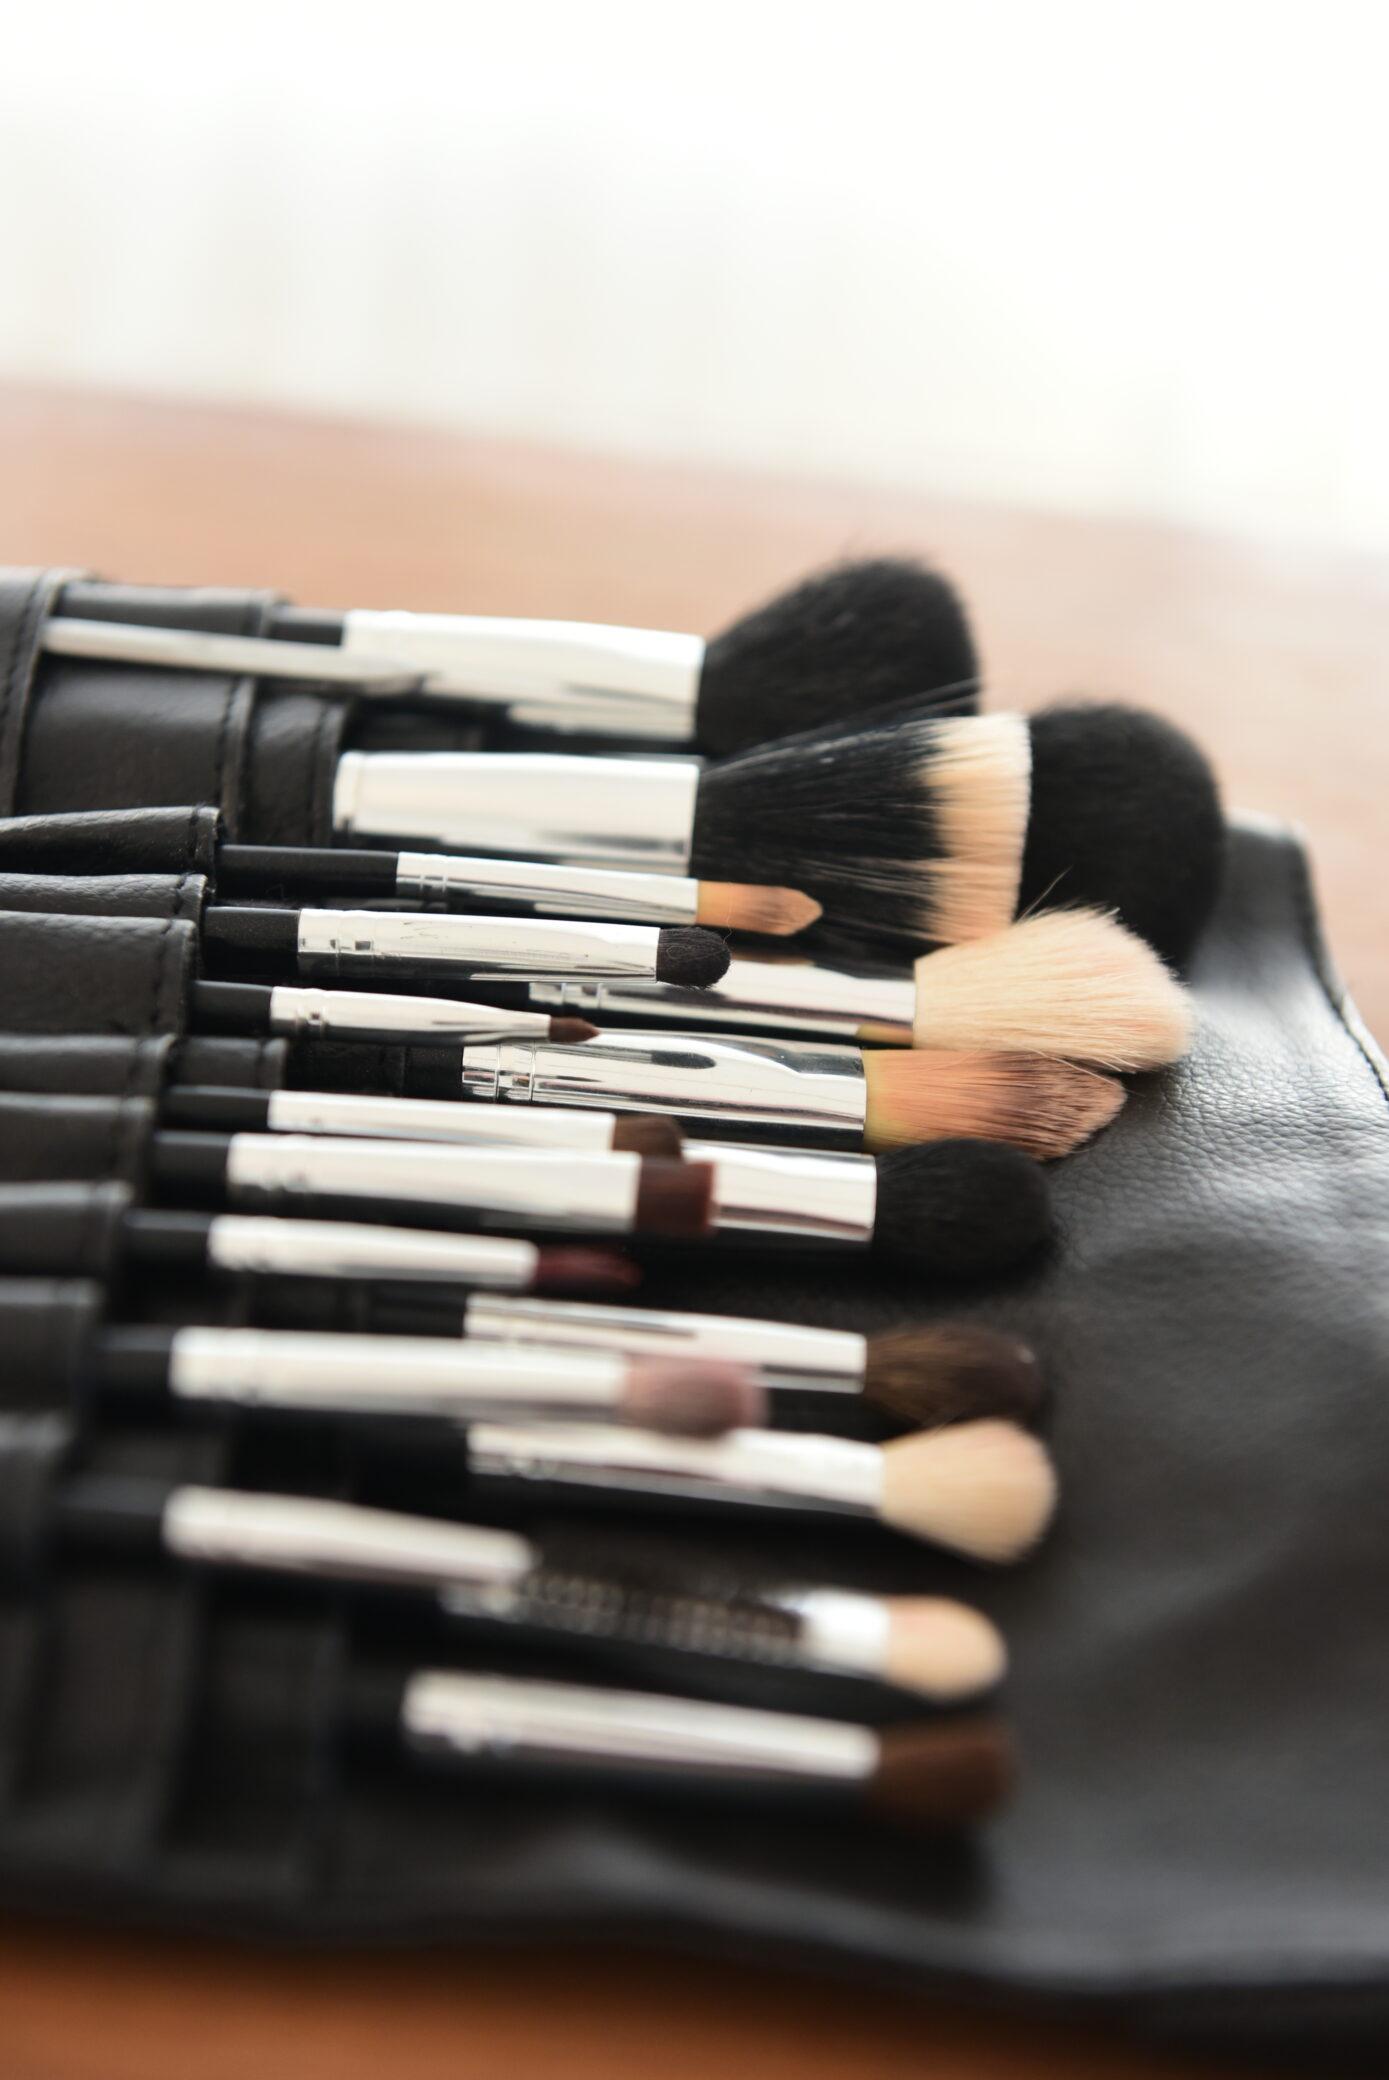 Ramona Pardino | wohlsii | Channoine | Hautbild | Vitalstoffe | Analyse | Wohlfühlprodukte | Wohlfühltrainerin | Coach | Systempflege | Schönheit | Nahrungsergänzung | Gesichtspflege | Make Up | Schminken | Brautmakeup